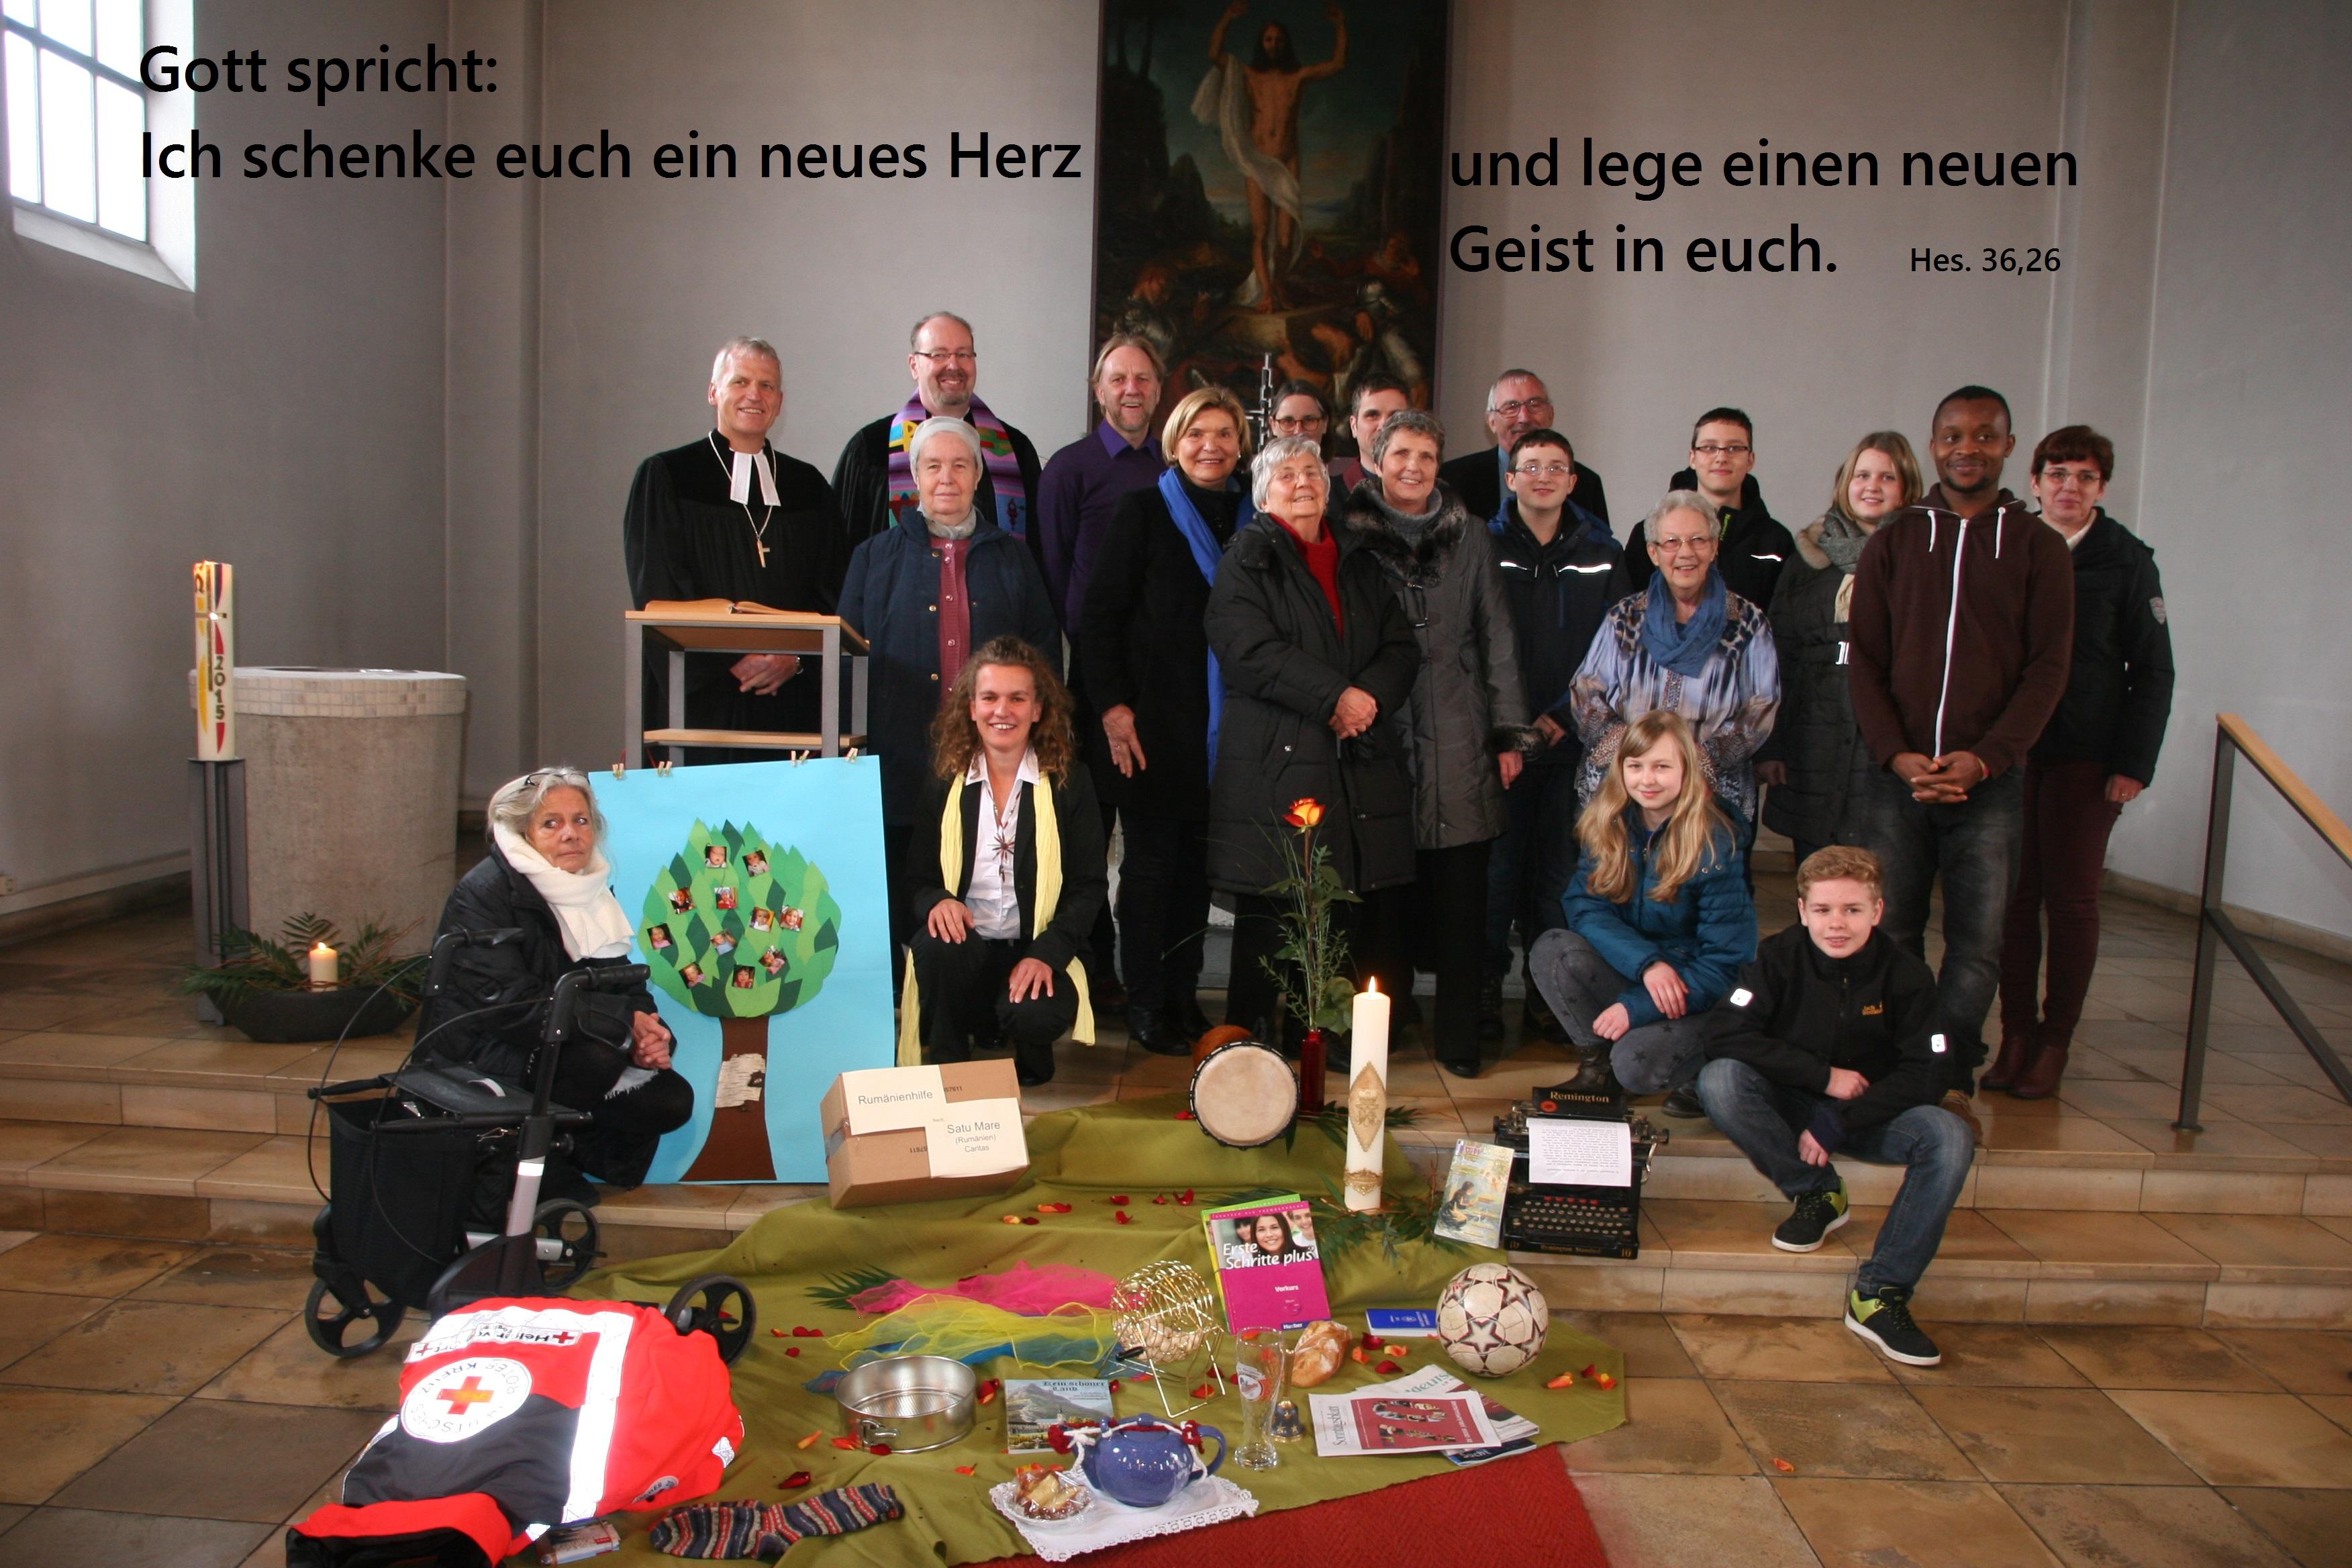 Glückliches und gesegnetes Neues Jahr! – evangelisch in Töging und ...